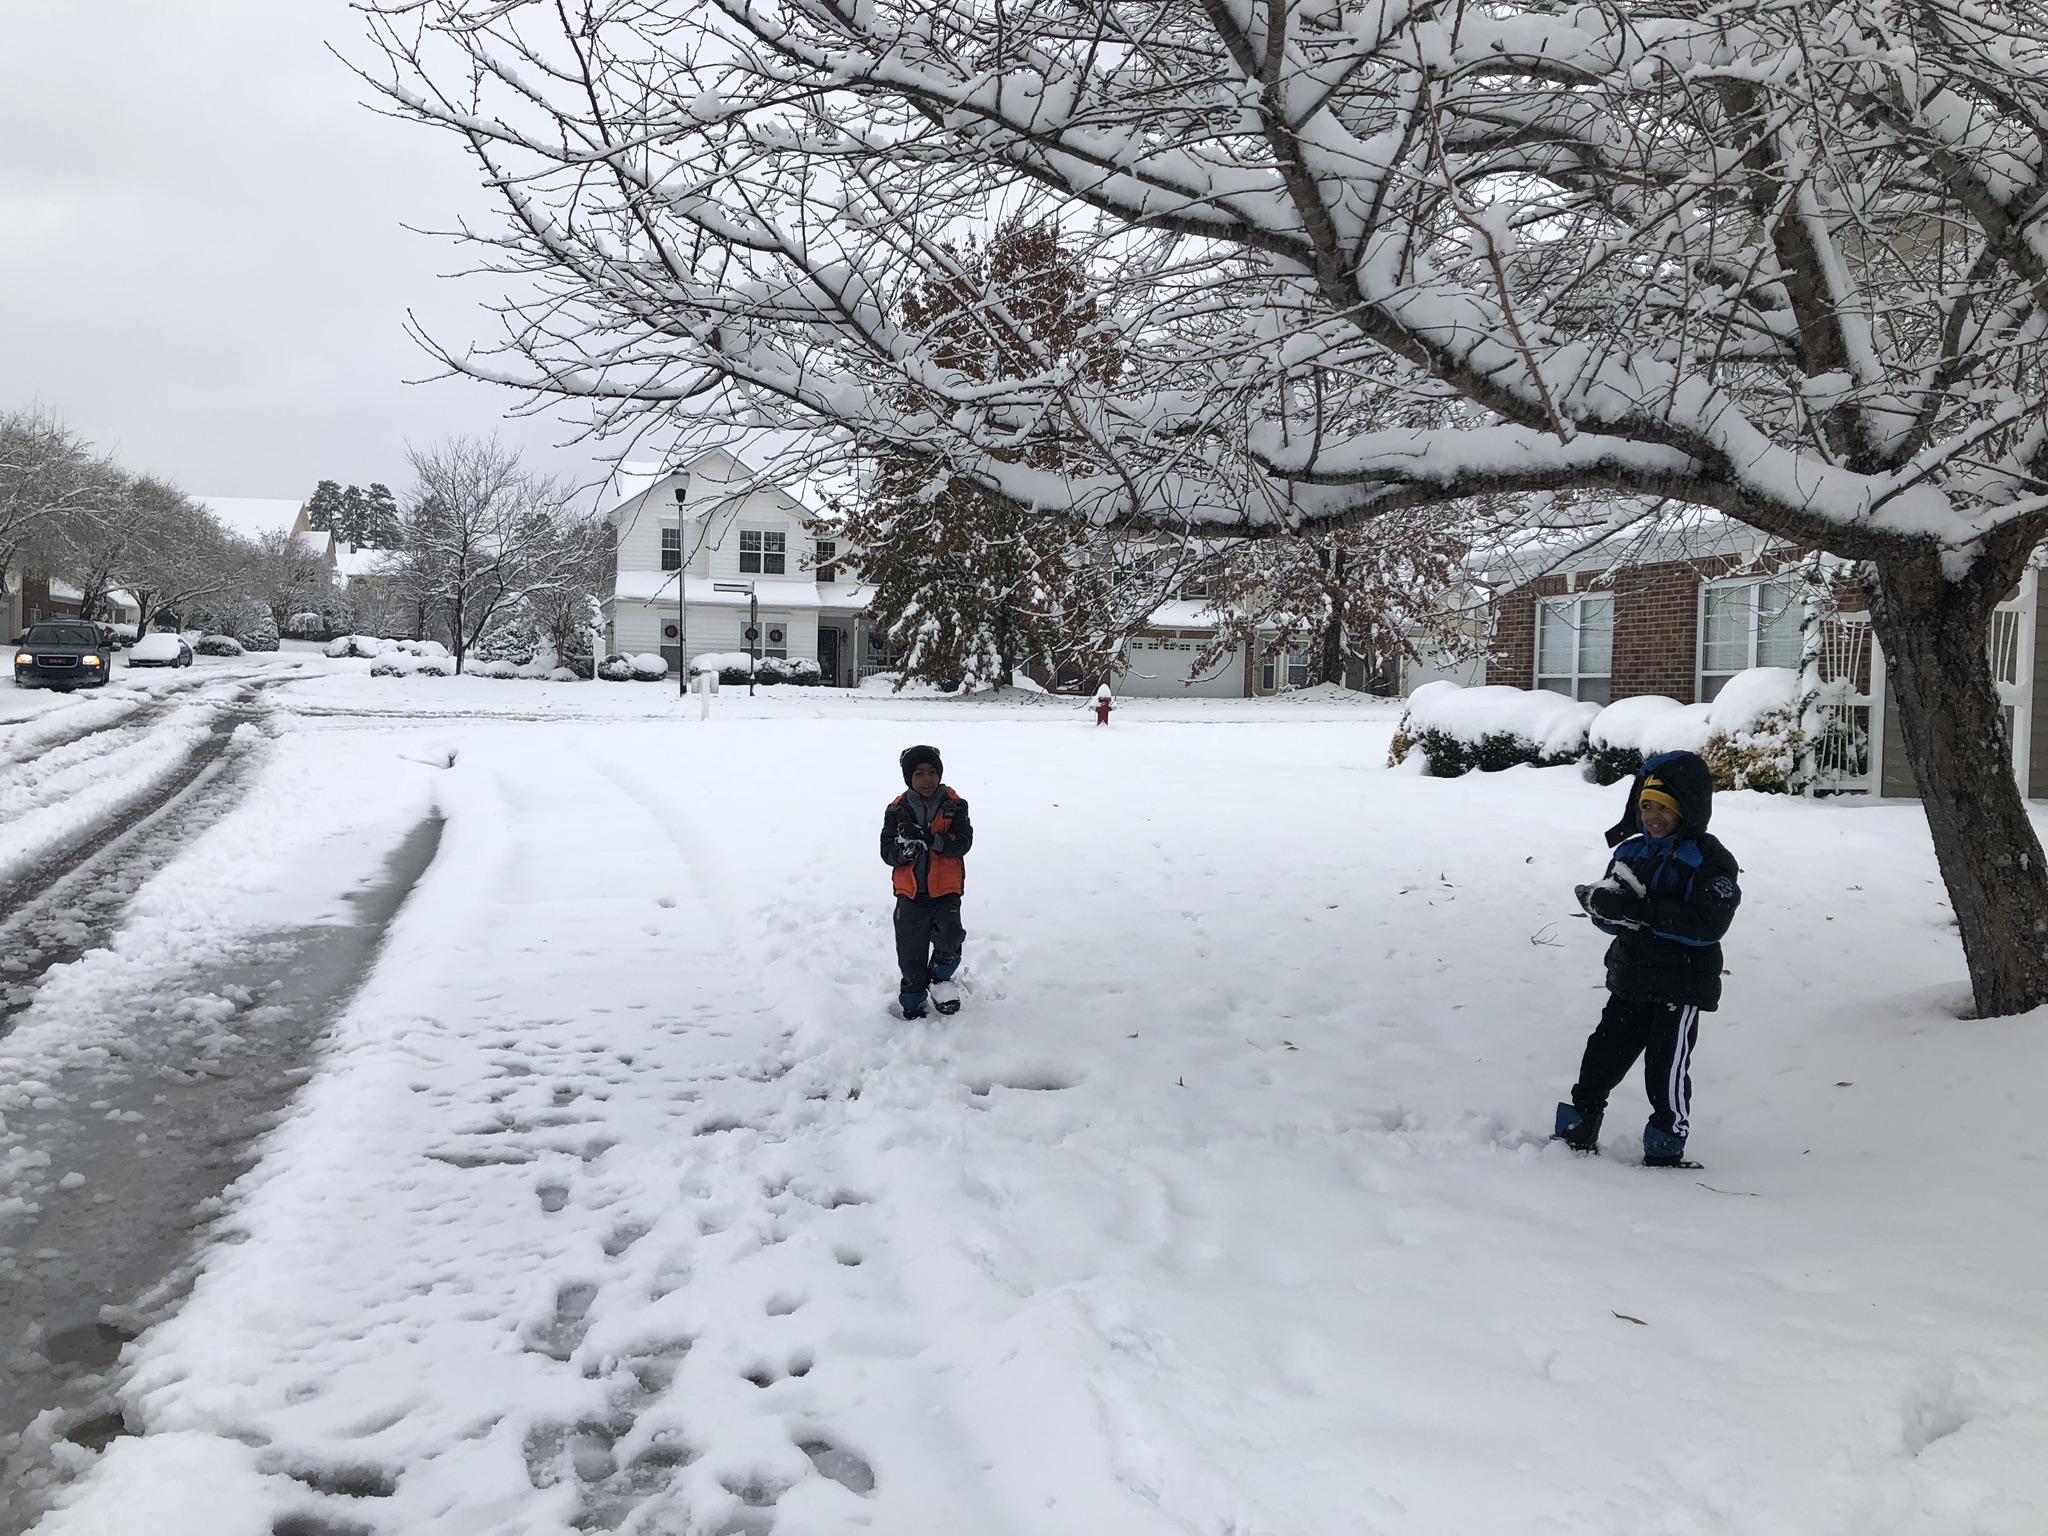 חצר הבית בחורף - משחקים בשלג / צילום: אלבום פרטי